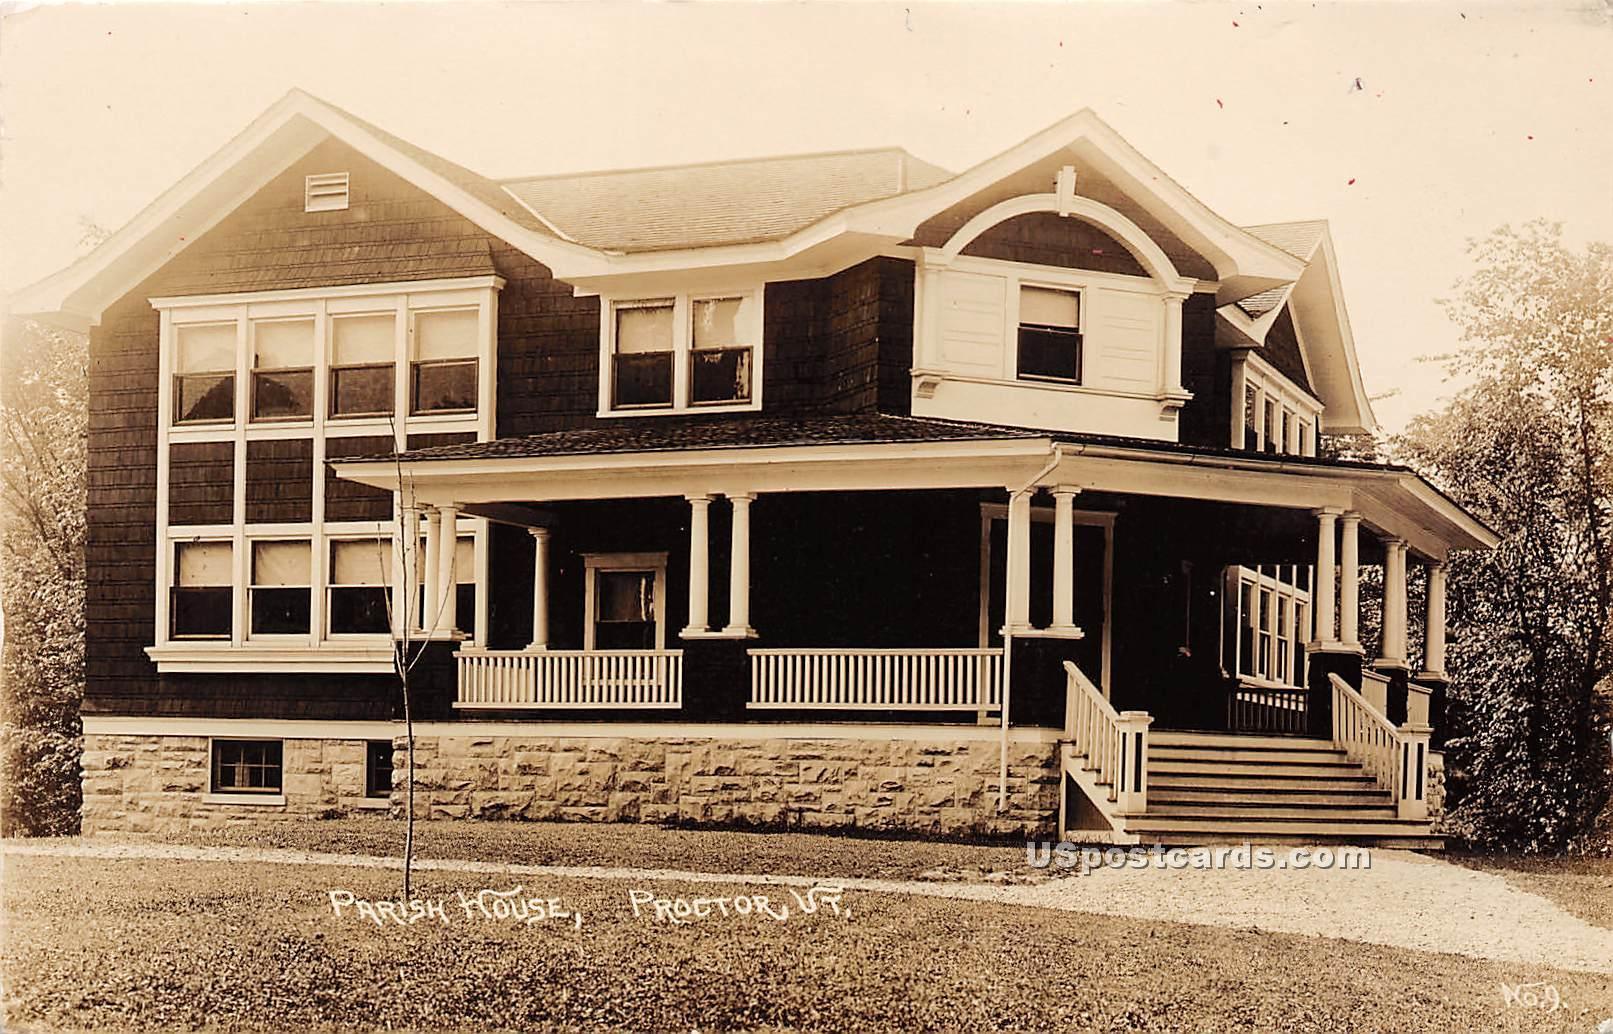 Parish House - Proctor, Vermont VT Postcard